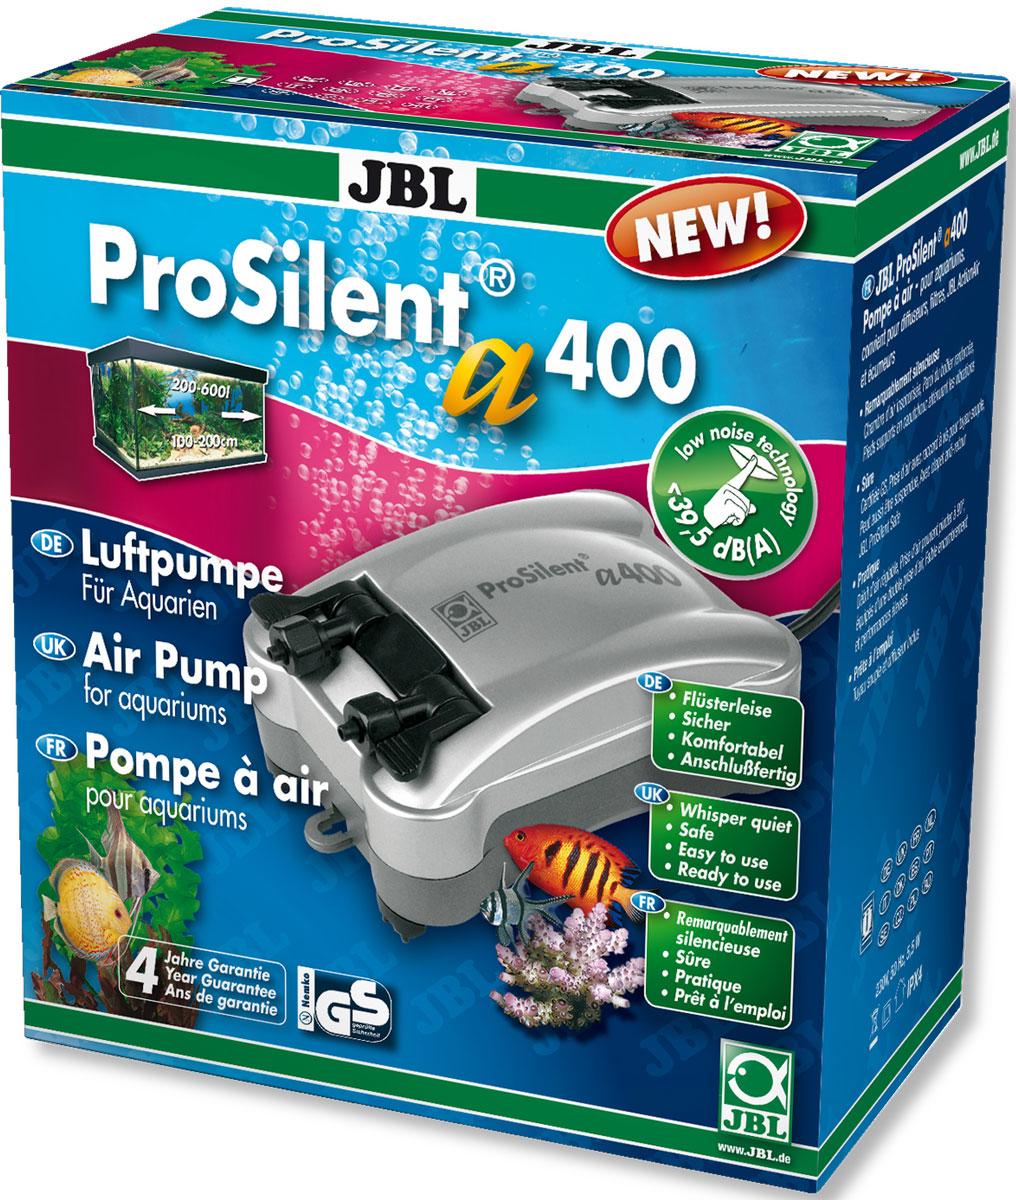 Компрессор двухканальный JBL ProSilent для аквариума 200-600 л 400 лч